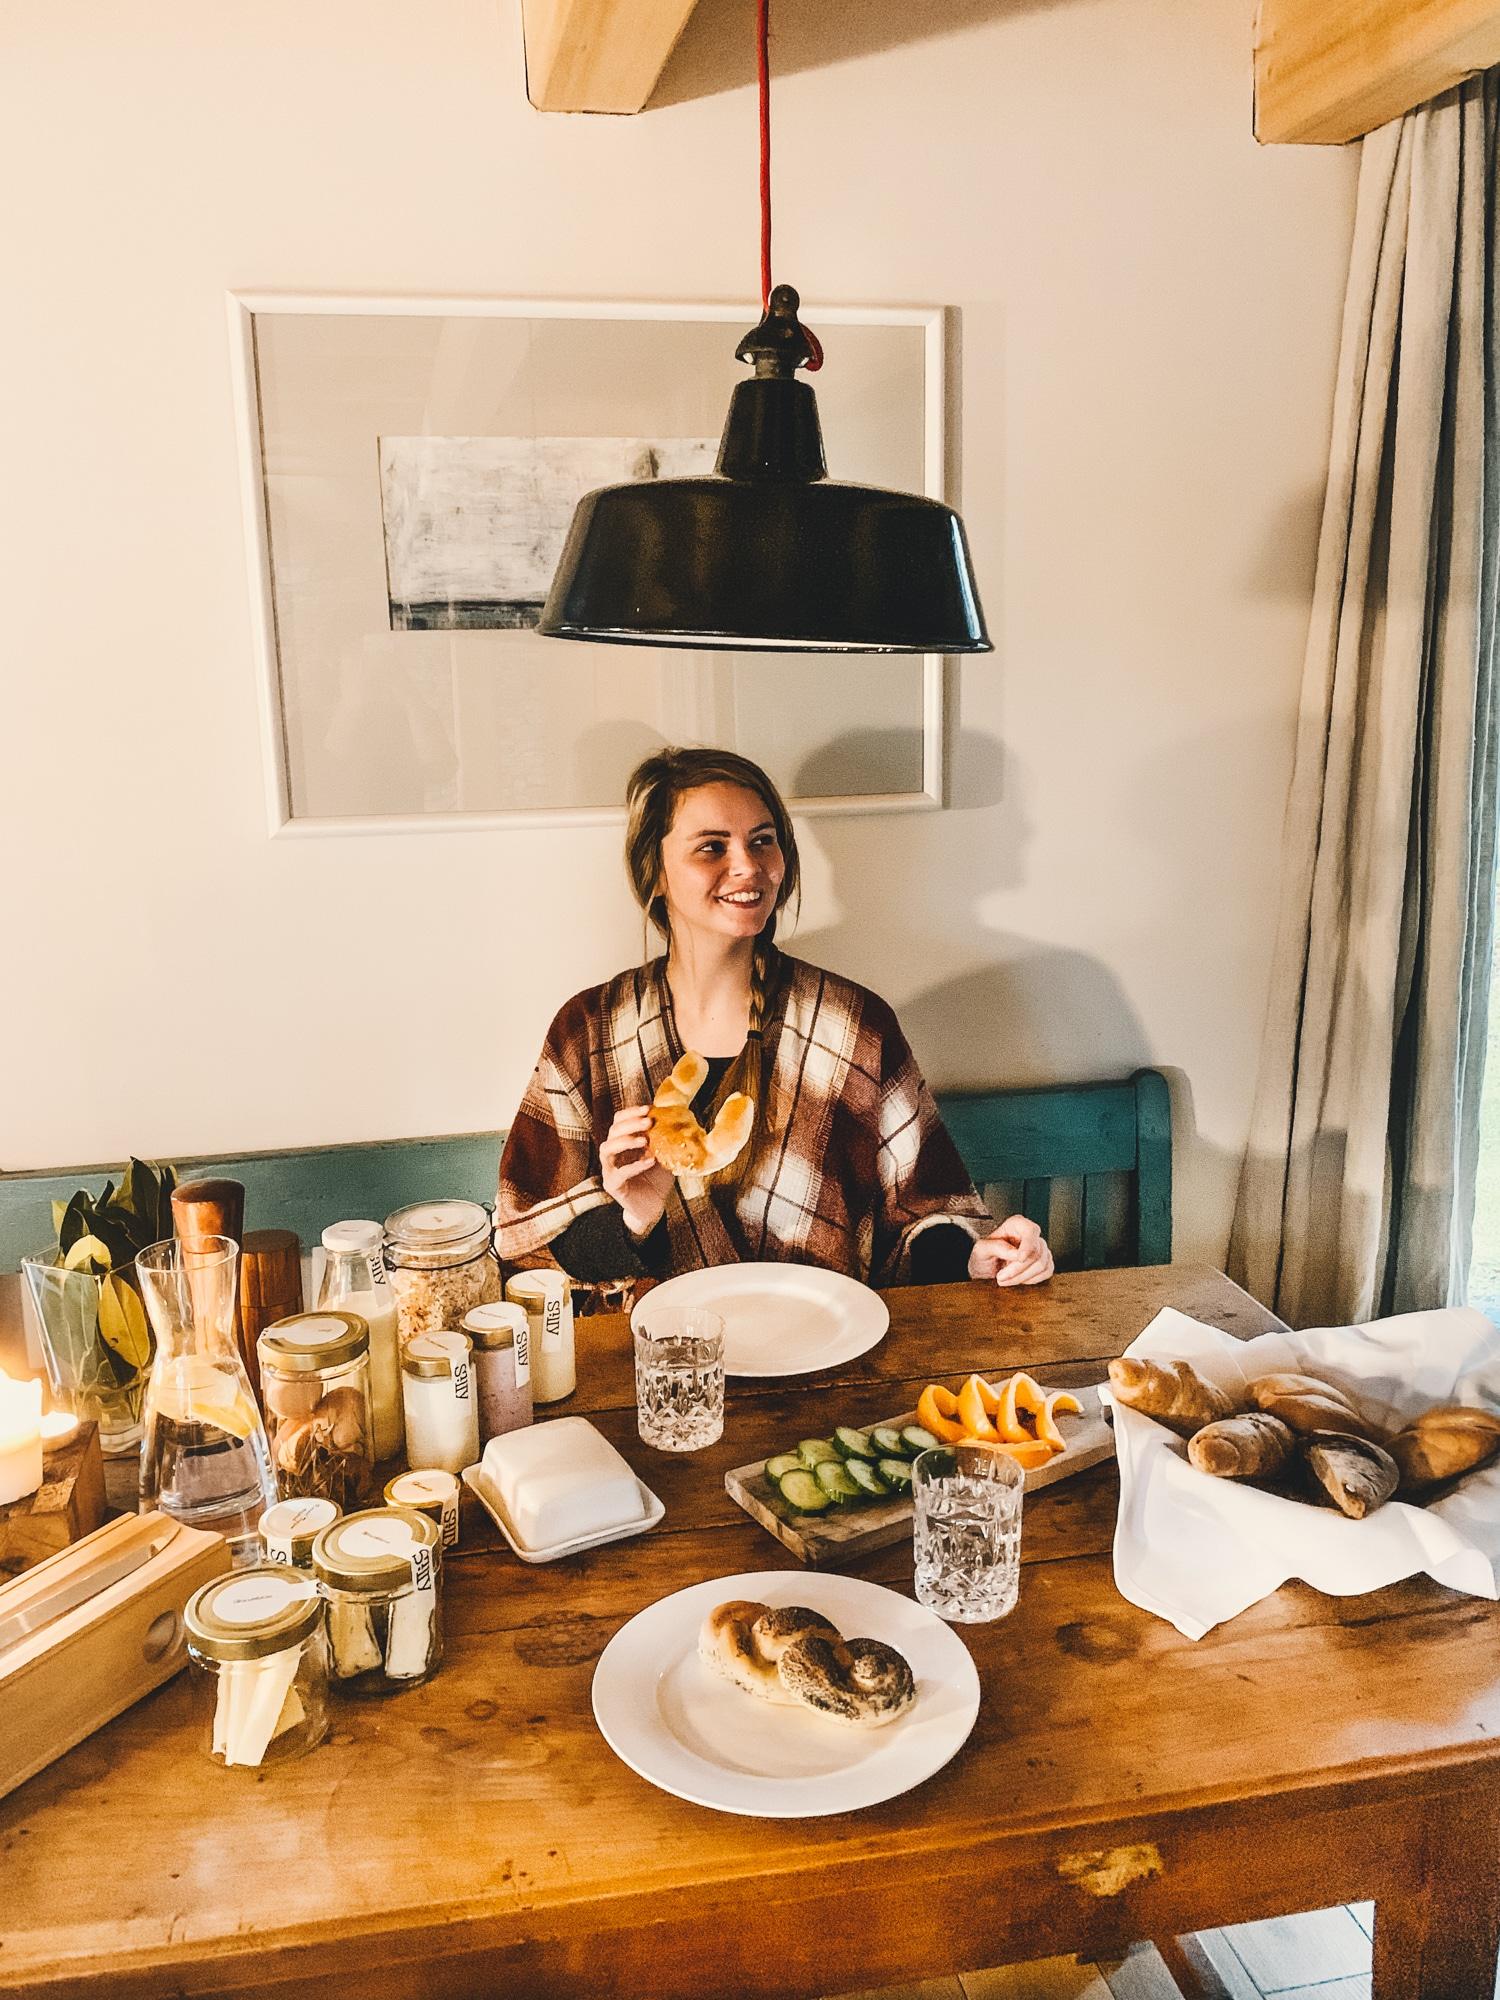 PURESLeben Erfahrungen: Das Landhaus Altenbach in der Südsteiermark - Frühstück